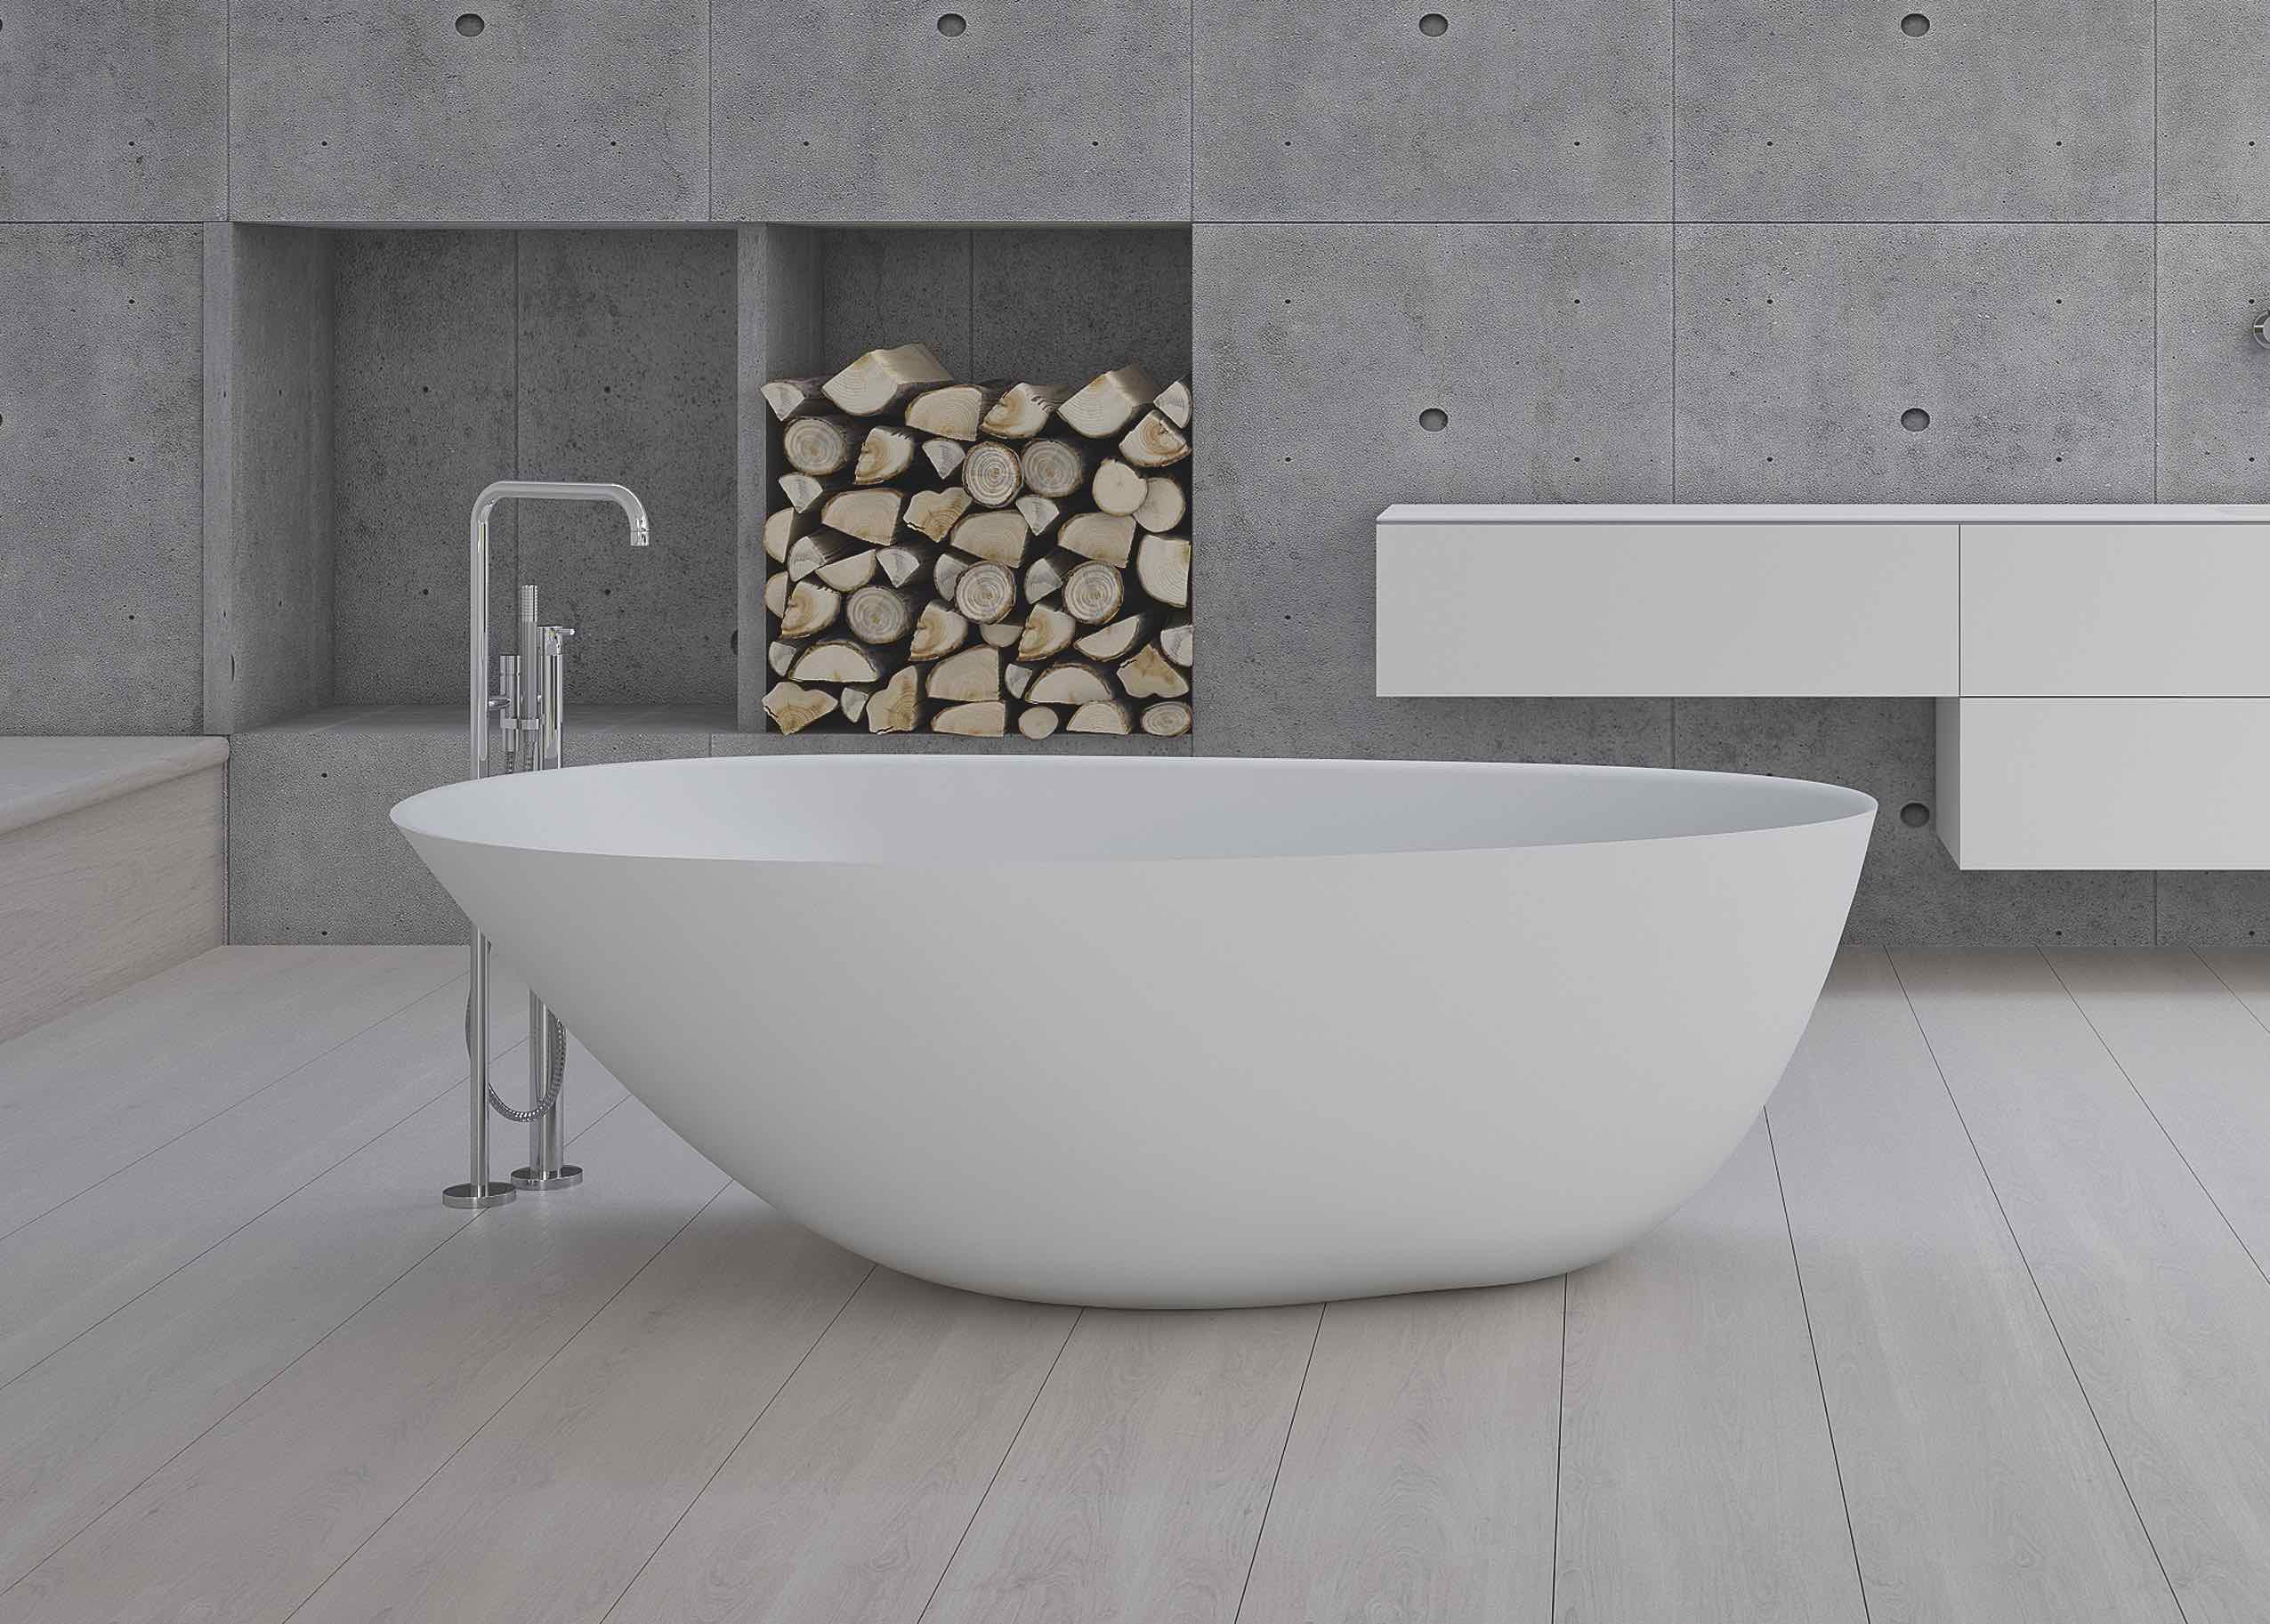 Exklusiva badrum med måttanpassade badrumsmöbler och måttanpassad badrumsinredning från Copenhagen Bath.